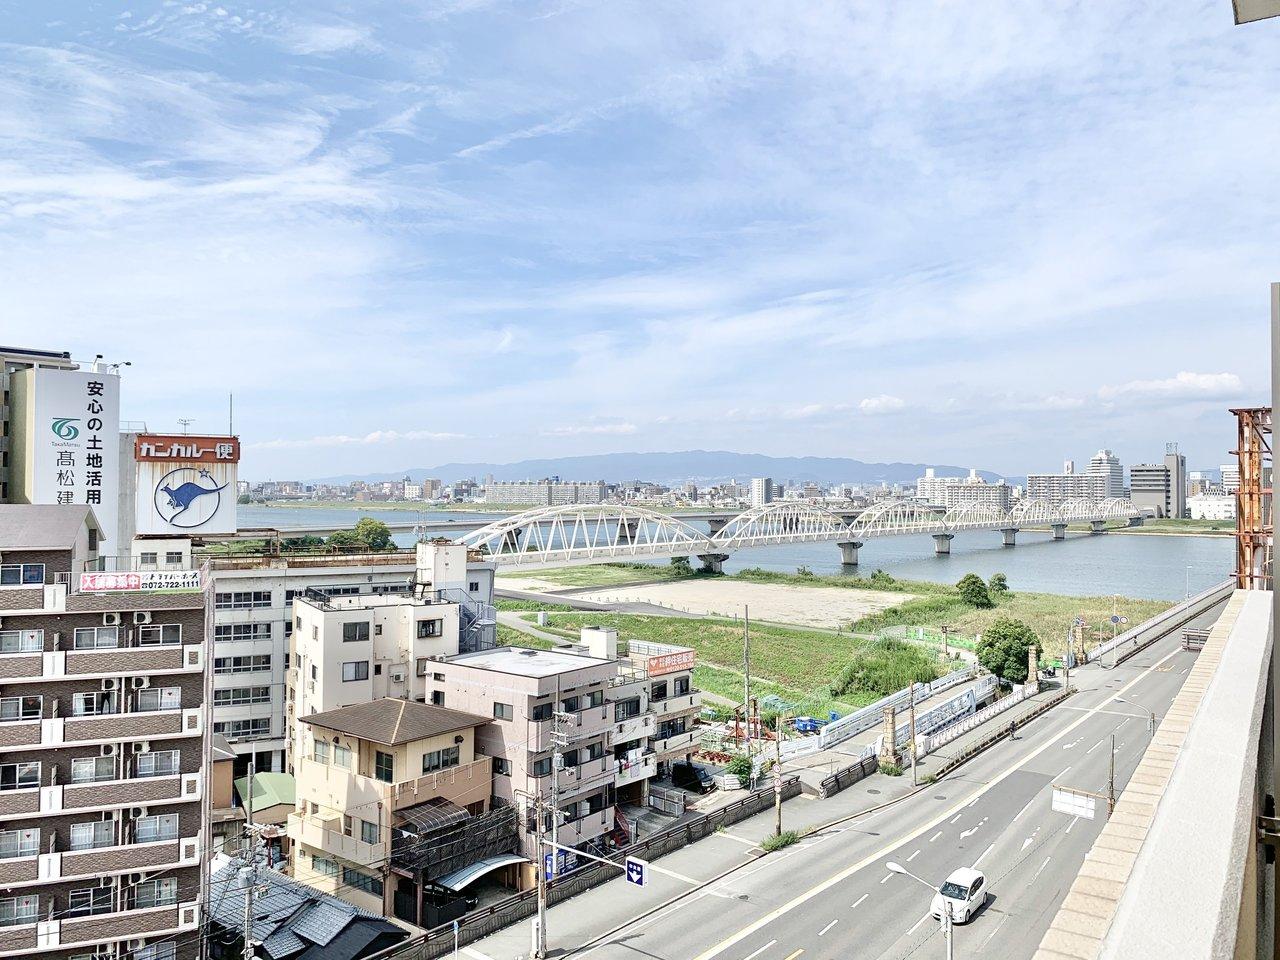 広いベランダからは、淀川がよく見えます。最上階なので視界も高く、気持ちがいい!